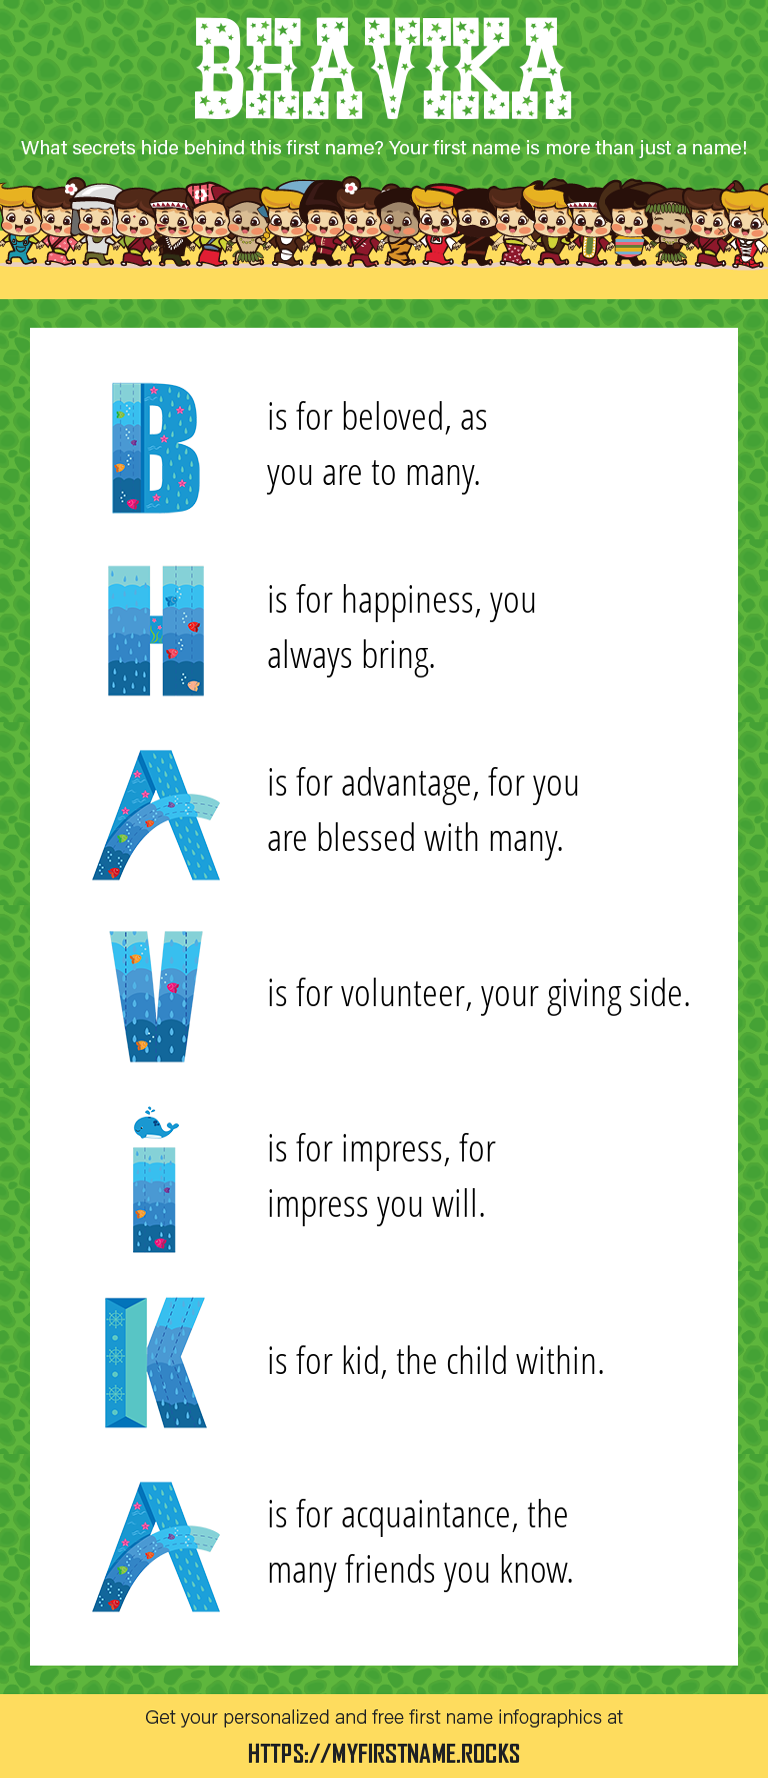 Bhavika Infographics